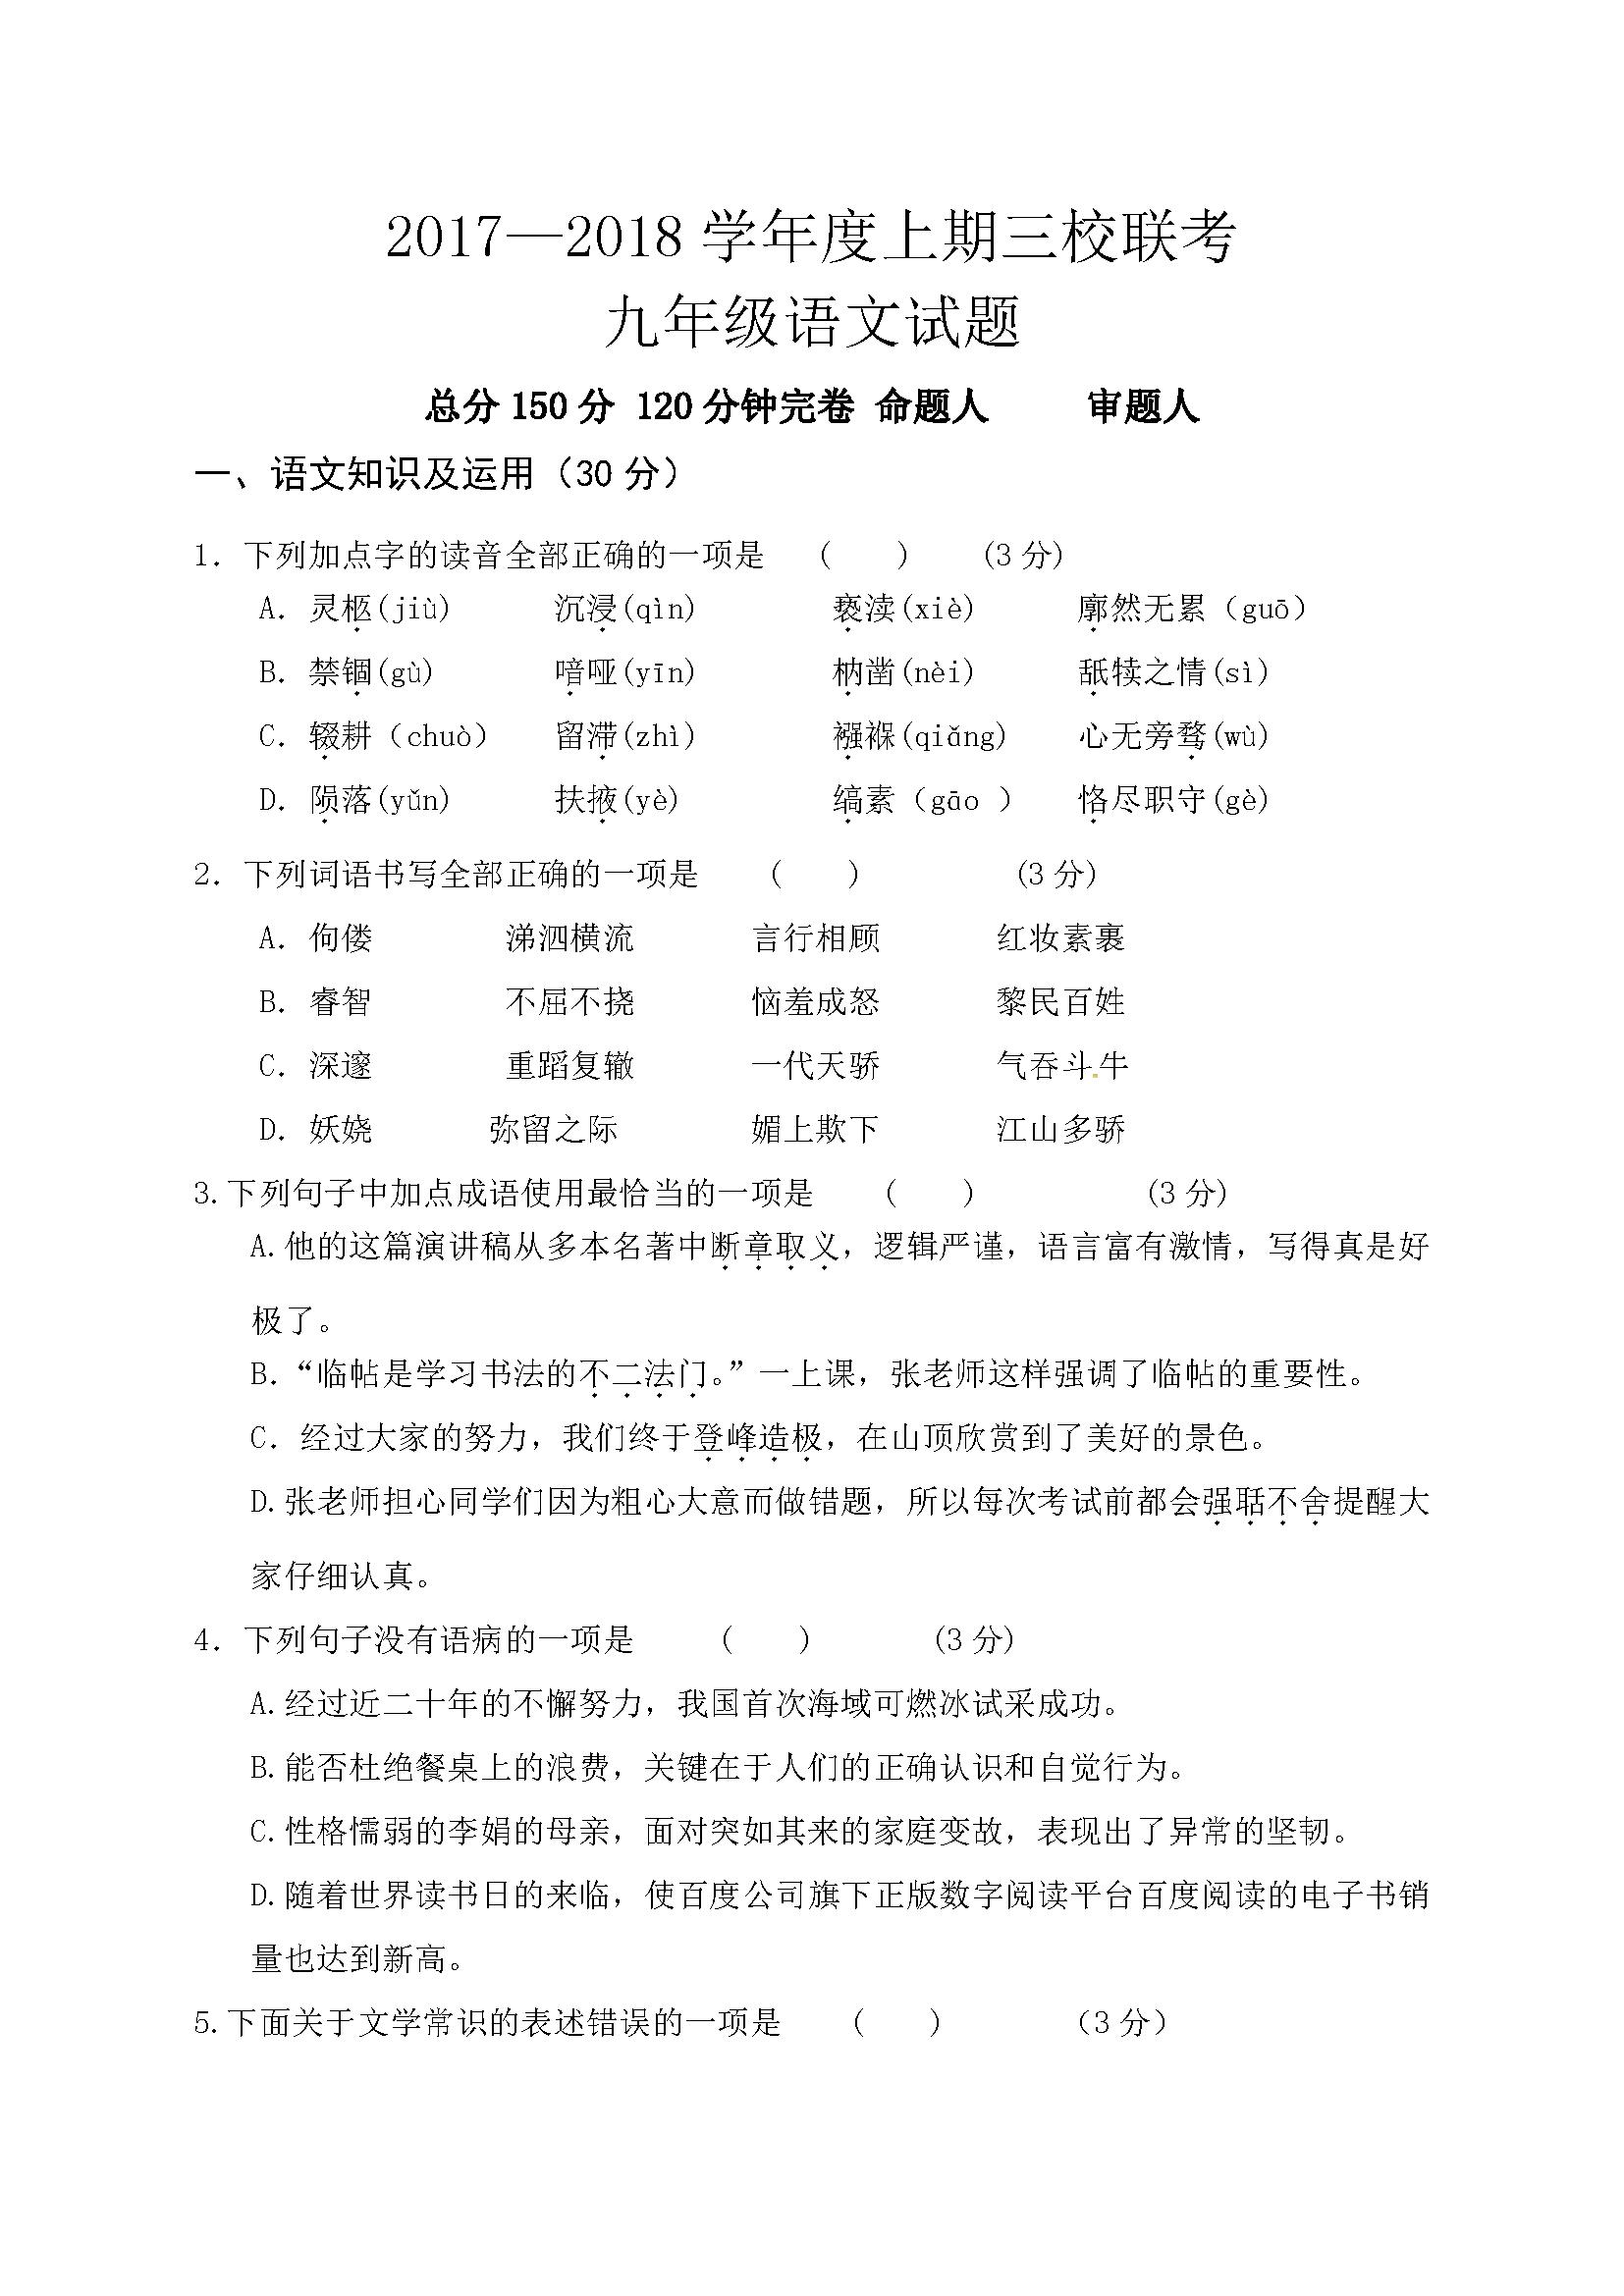 重庆巴南三校2018九年级10月联考语文试题(图片版)